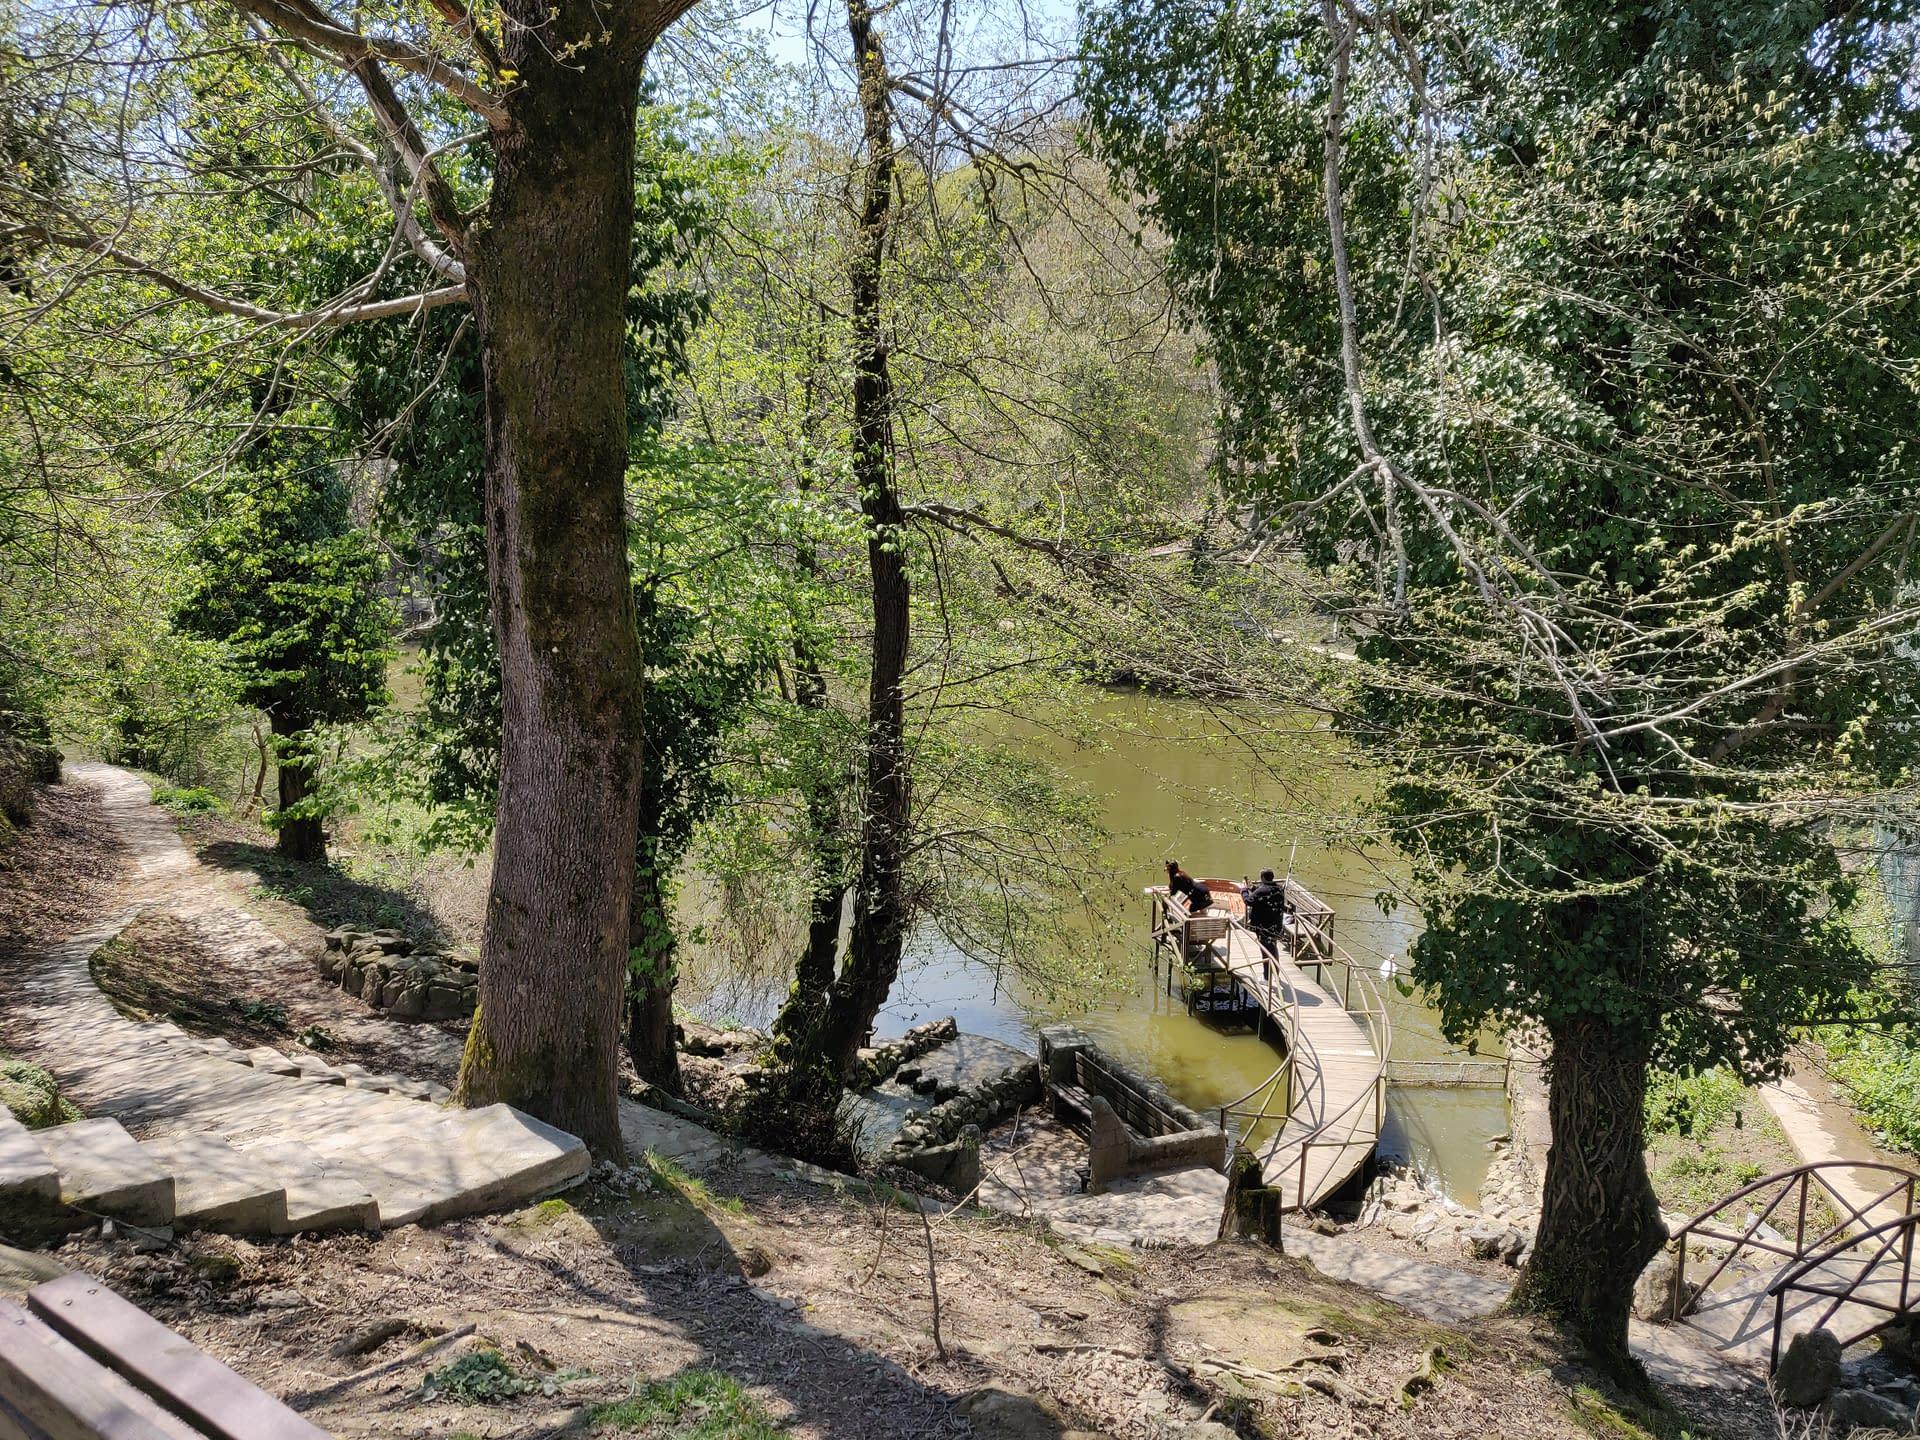 Romanttinen pieni järvi keskellä kaunista luontoa Polonezköyssä.